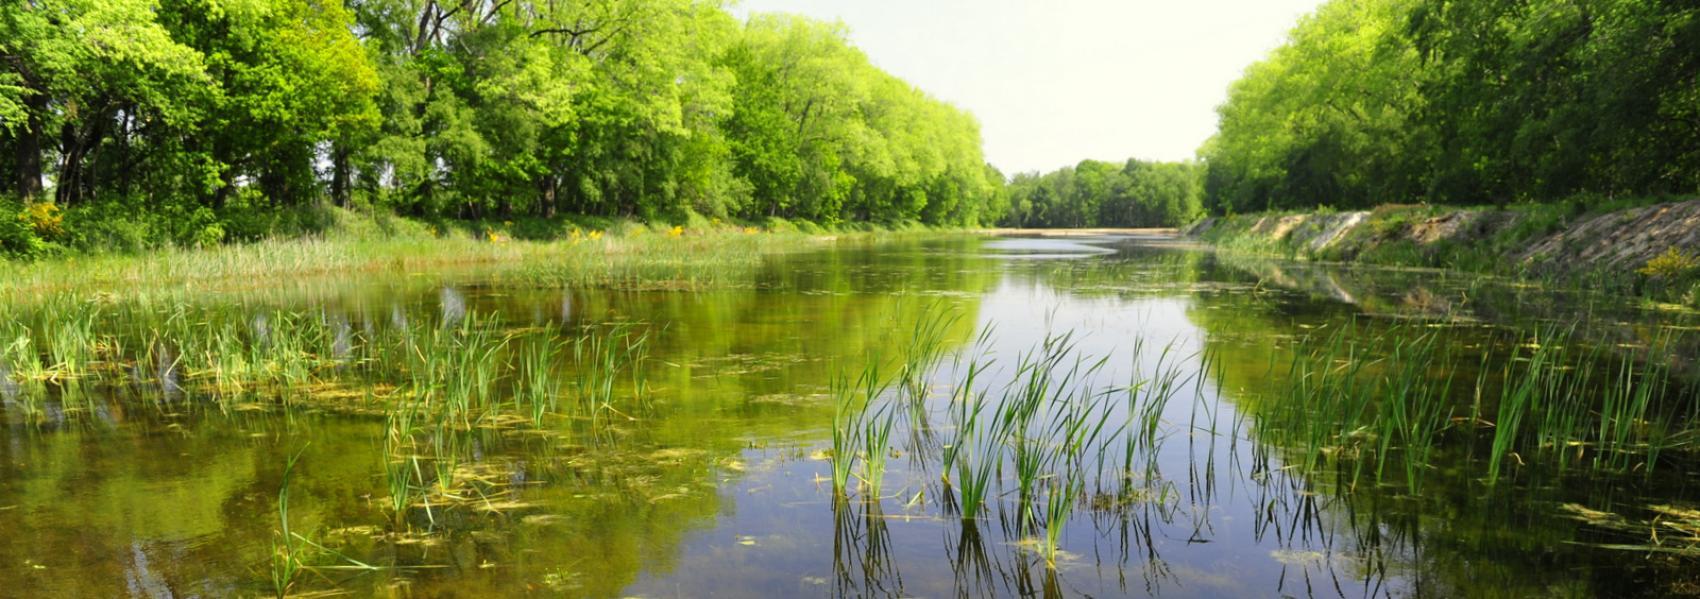 zicht op het water het water tussen de bomen